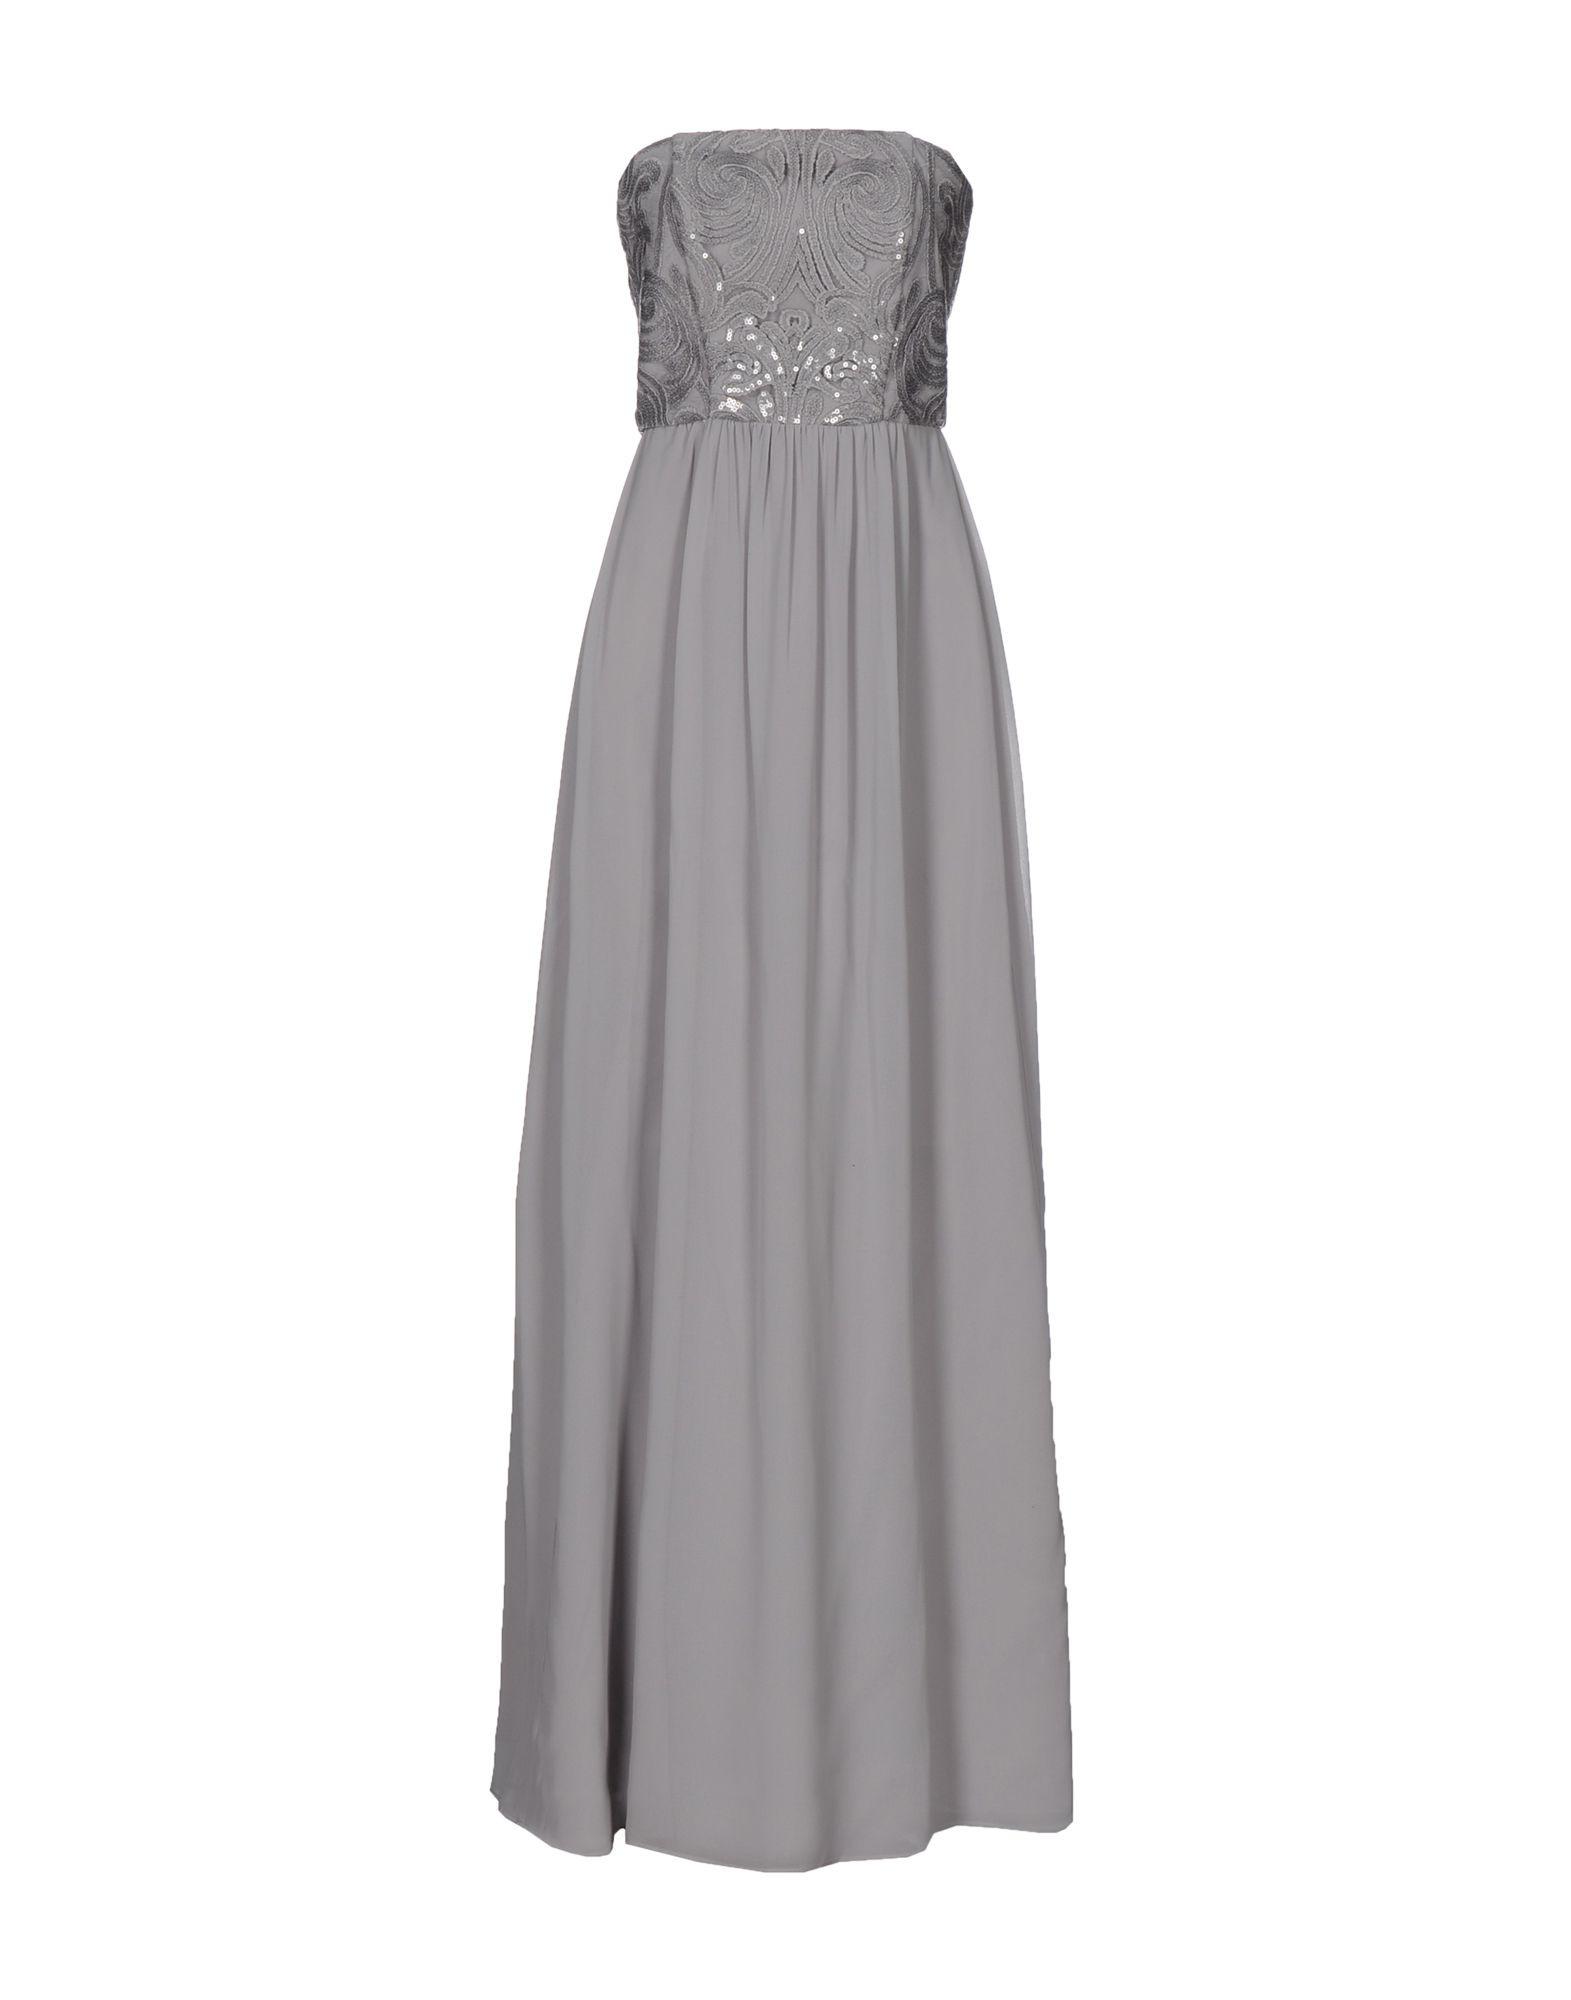 Designer Leicht Abendkleid Young Couture für 2019Abend Einzigartig Abendkleid Young Couture Spezialgebiet